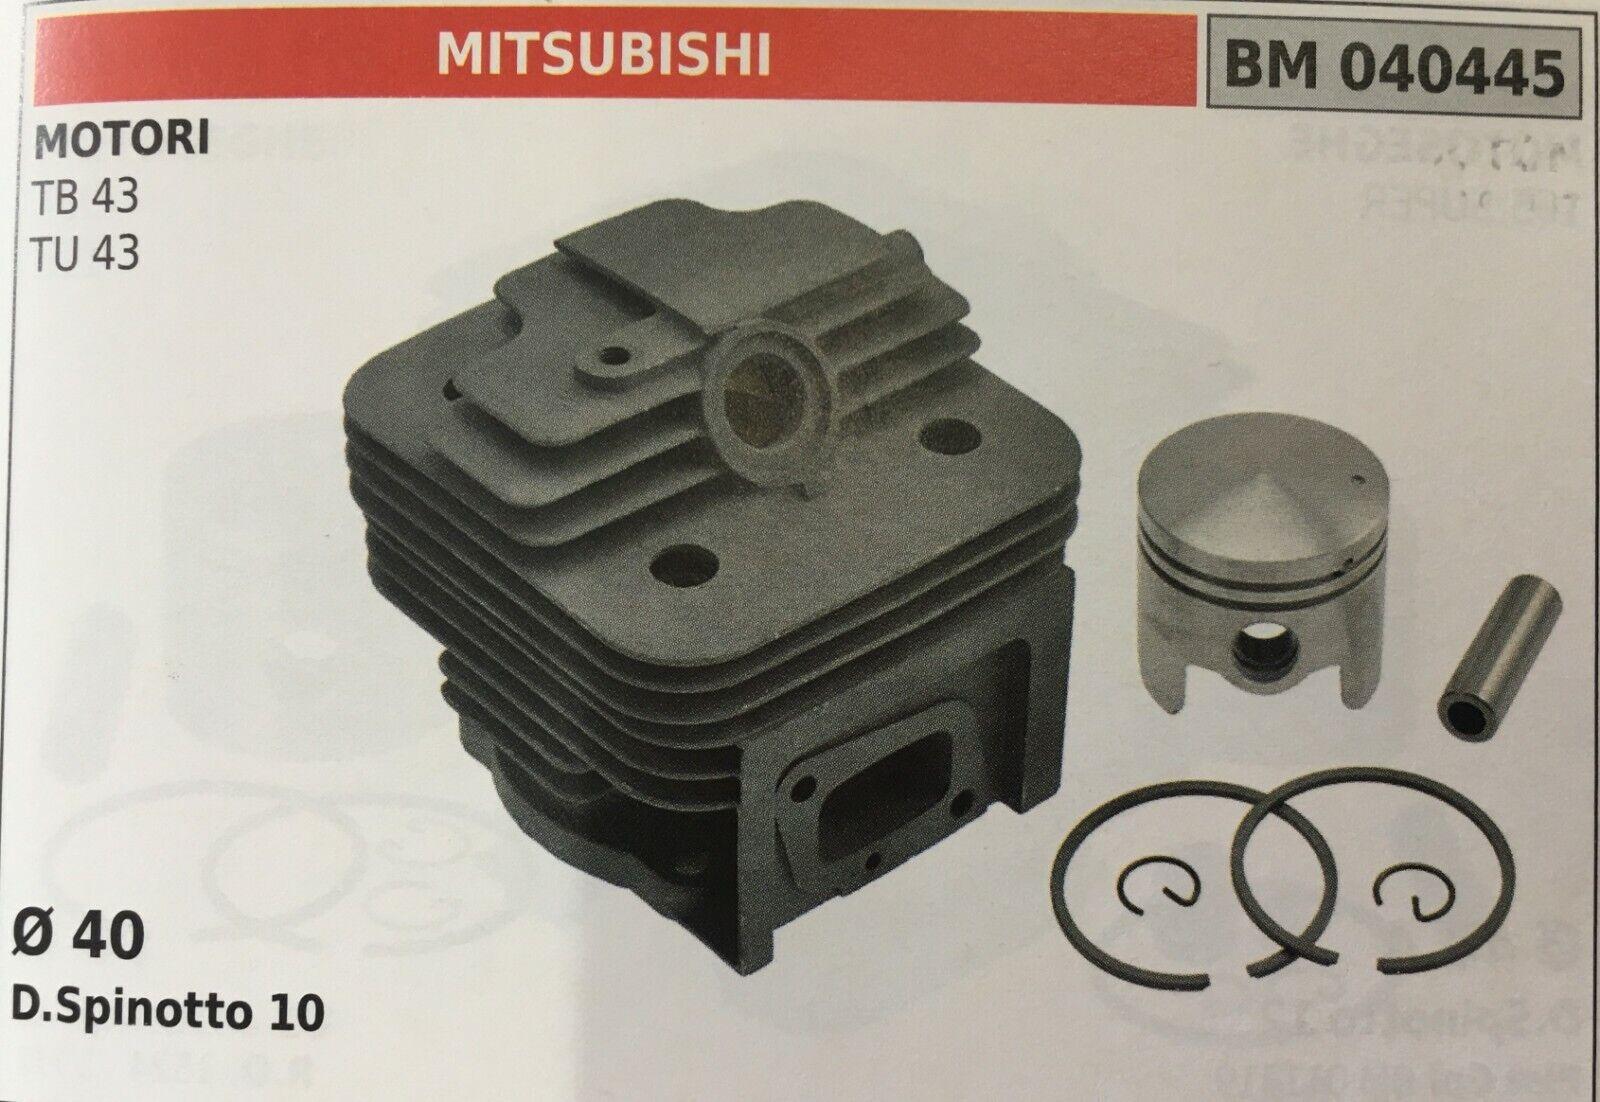 CILINDRO COMPLETO DI PISTONE E SEGMENTI BRUMAR BM040445 MITSUBISHI